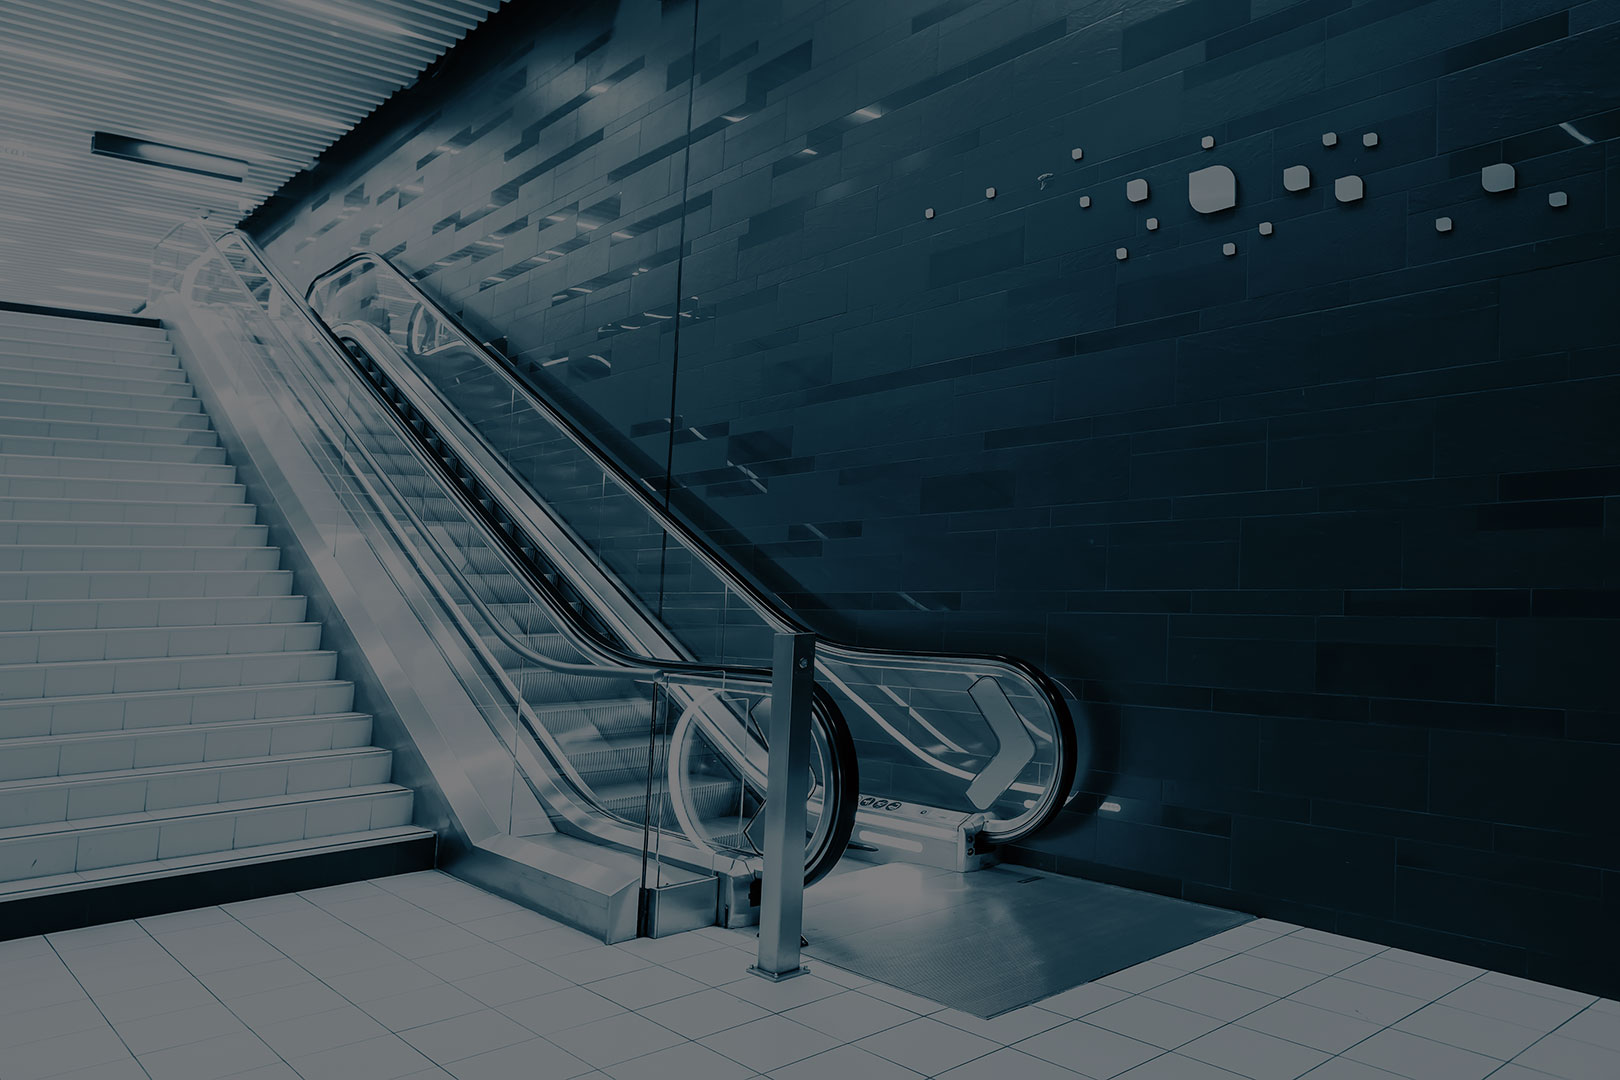 Désinfection anti covid dans les espaces publics et transports en commun